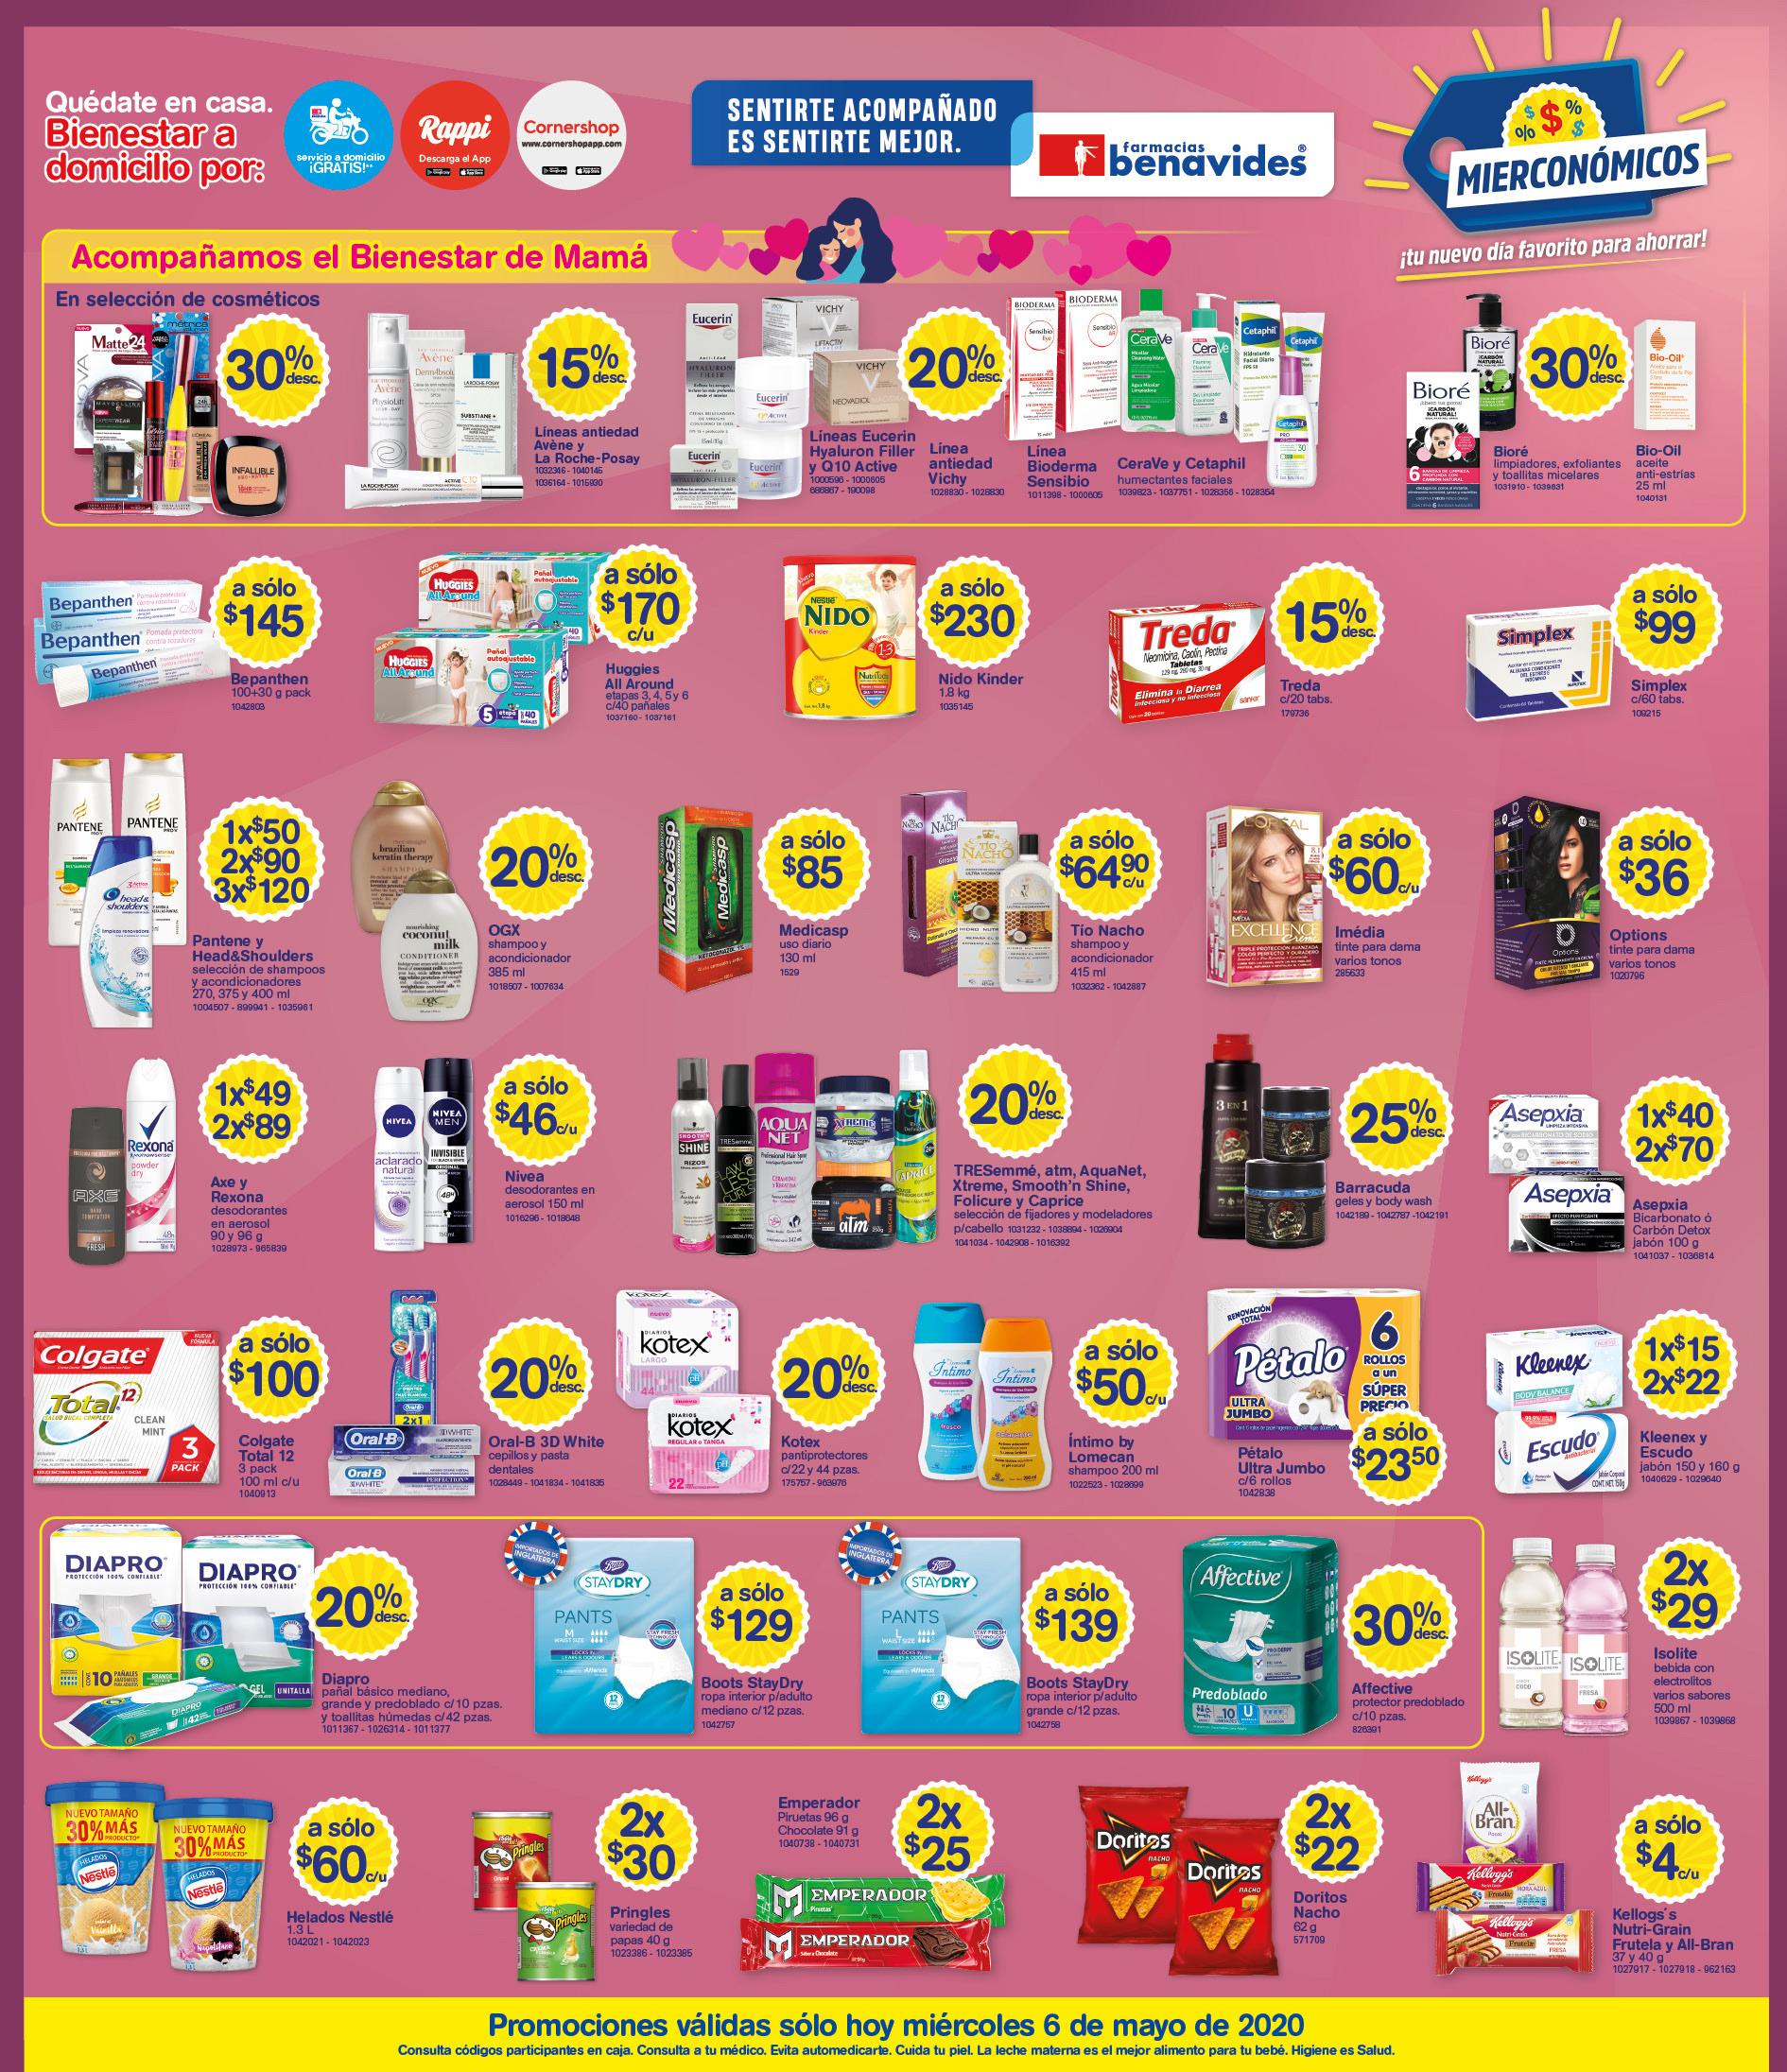 Farmacias Benavides: Mierconómicos 6 de Mayo